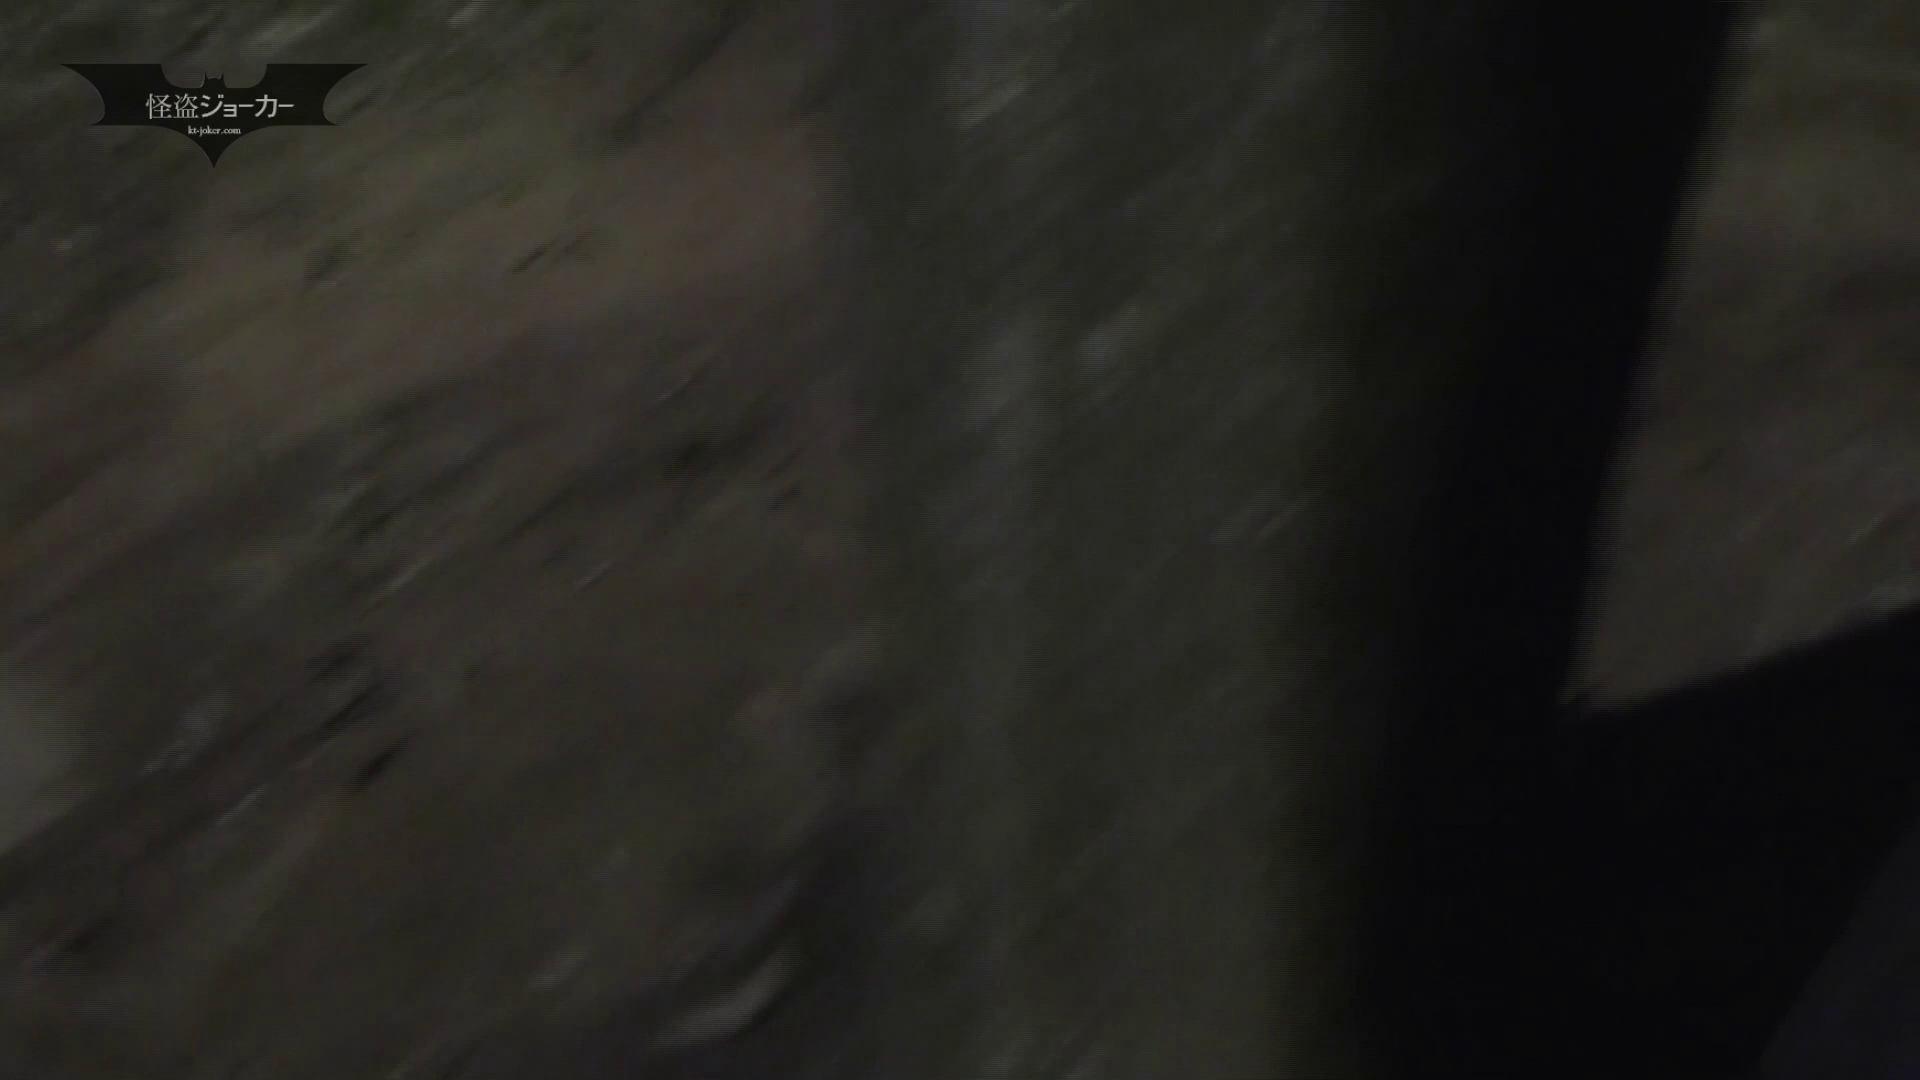 ヒトニアラヅNo.10 雪の様な白い肌 高画質 ぱこり動画紹介 84枚 4